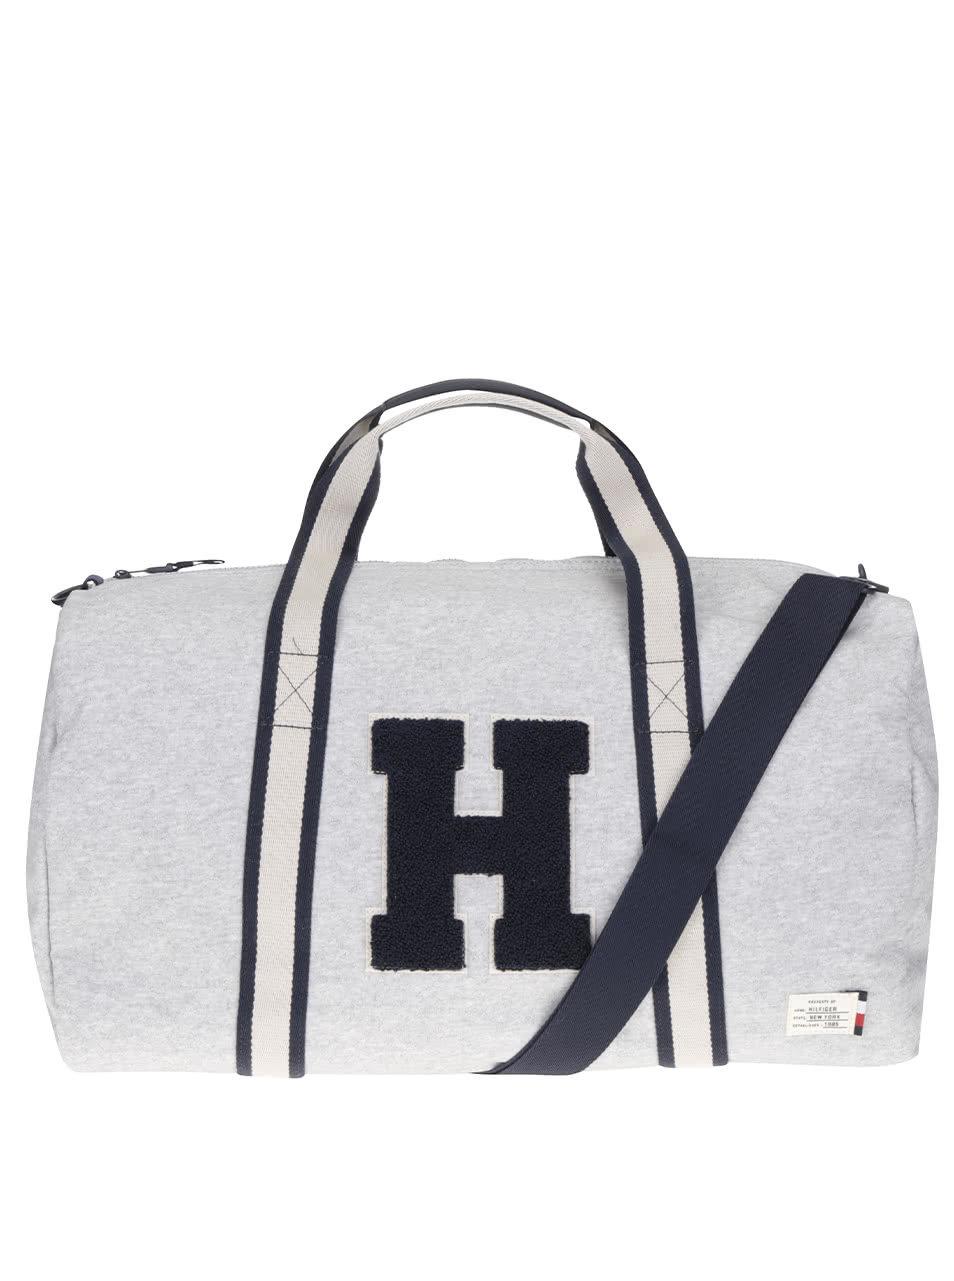 Modro-sivá pánska cestovná taška s nášivkou Tommy Hilfiger ... d2768e4c0c